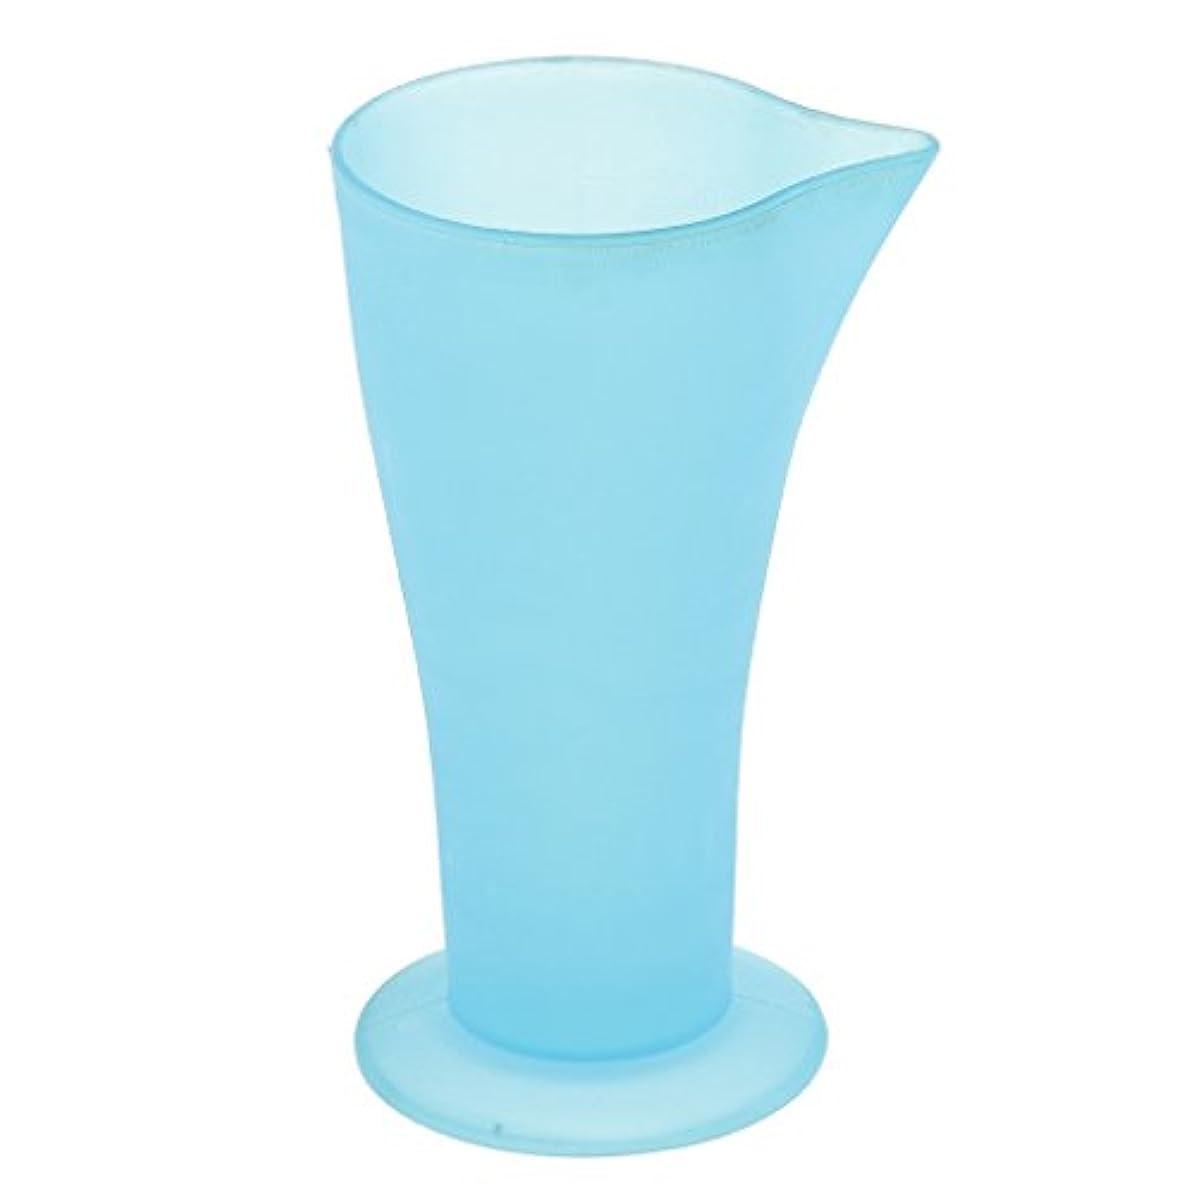 退却保持敏感なKesoto 計量カップ ヘアダイカップ ヘアカラーカップ ヘアダイ容器 ブルー プラスチック 再使用可能 髪型 サロン 髪の色合い 色測定カップ